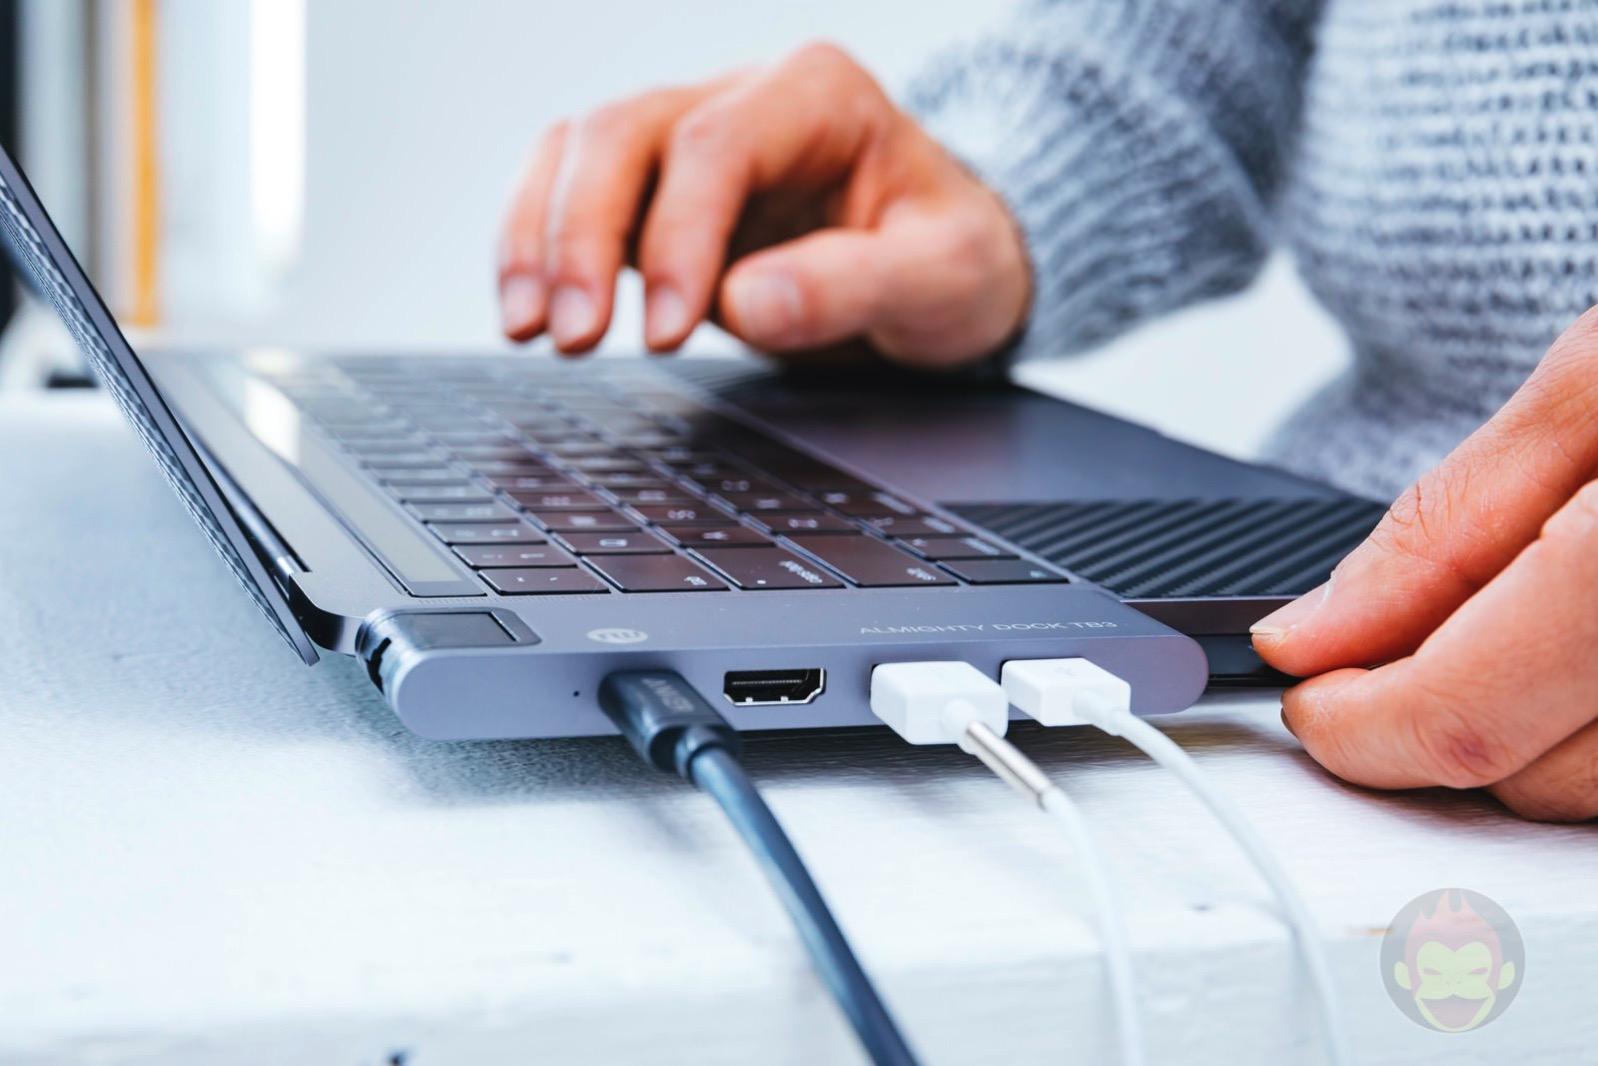 Tunewear-Almighty-TB3-Dock-for-MacBookPro2018-06.jpg